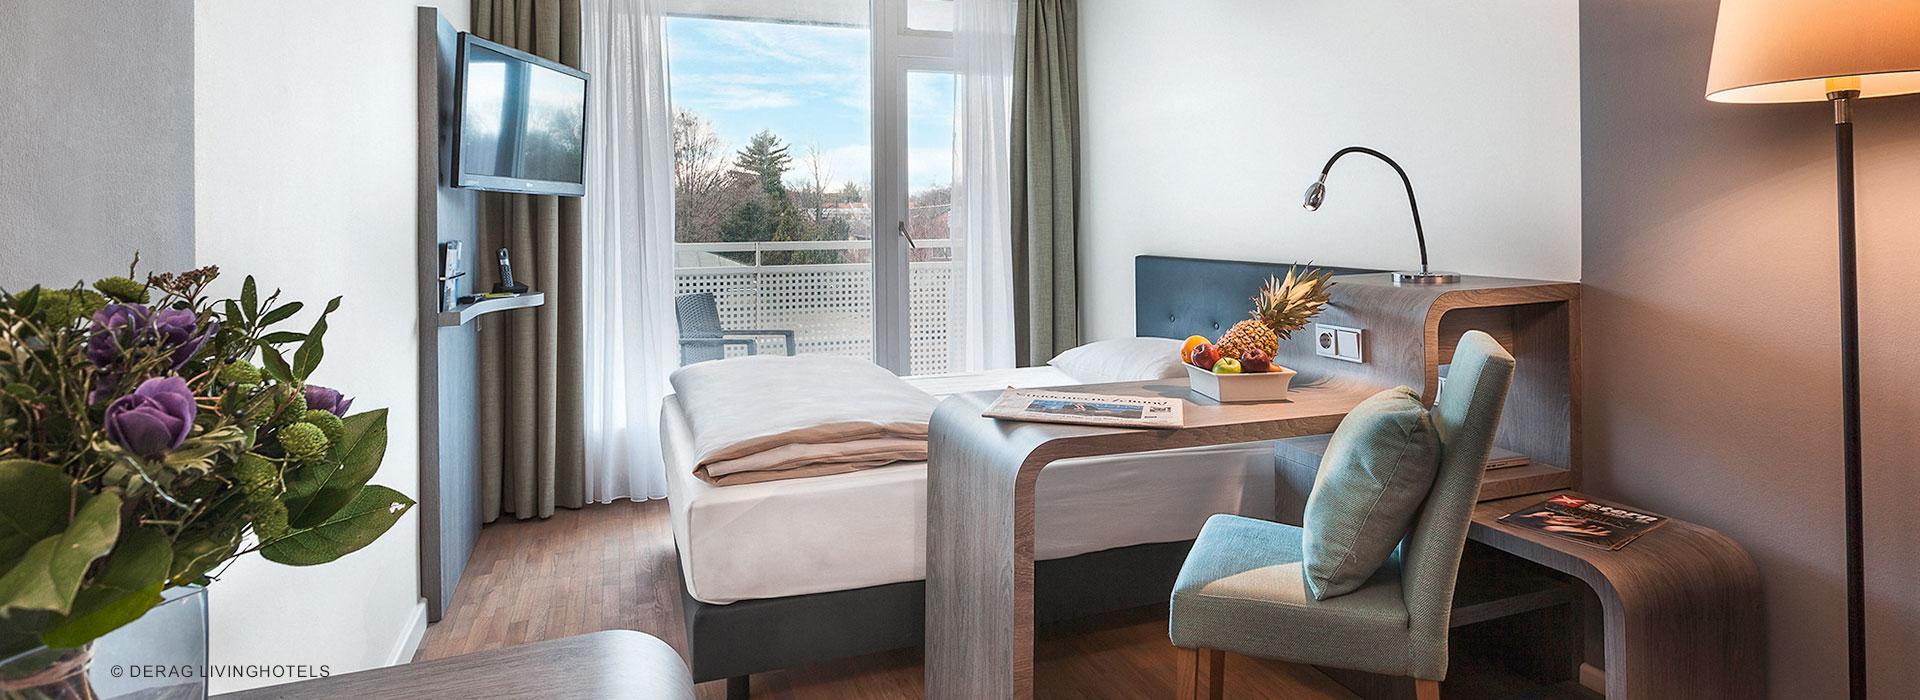 Derag Livinghotels